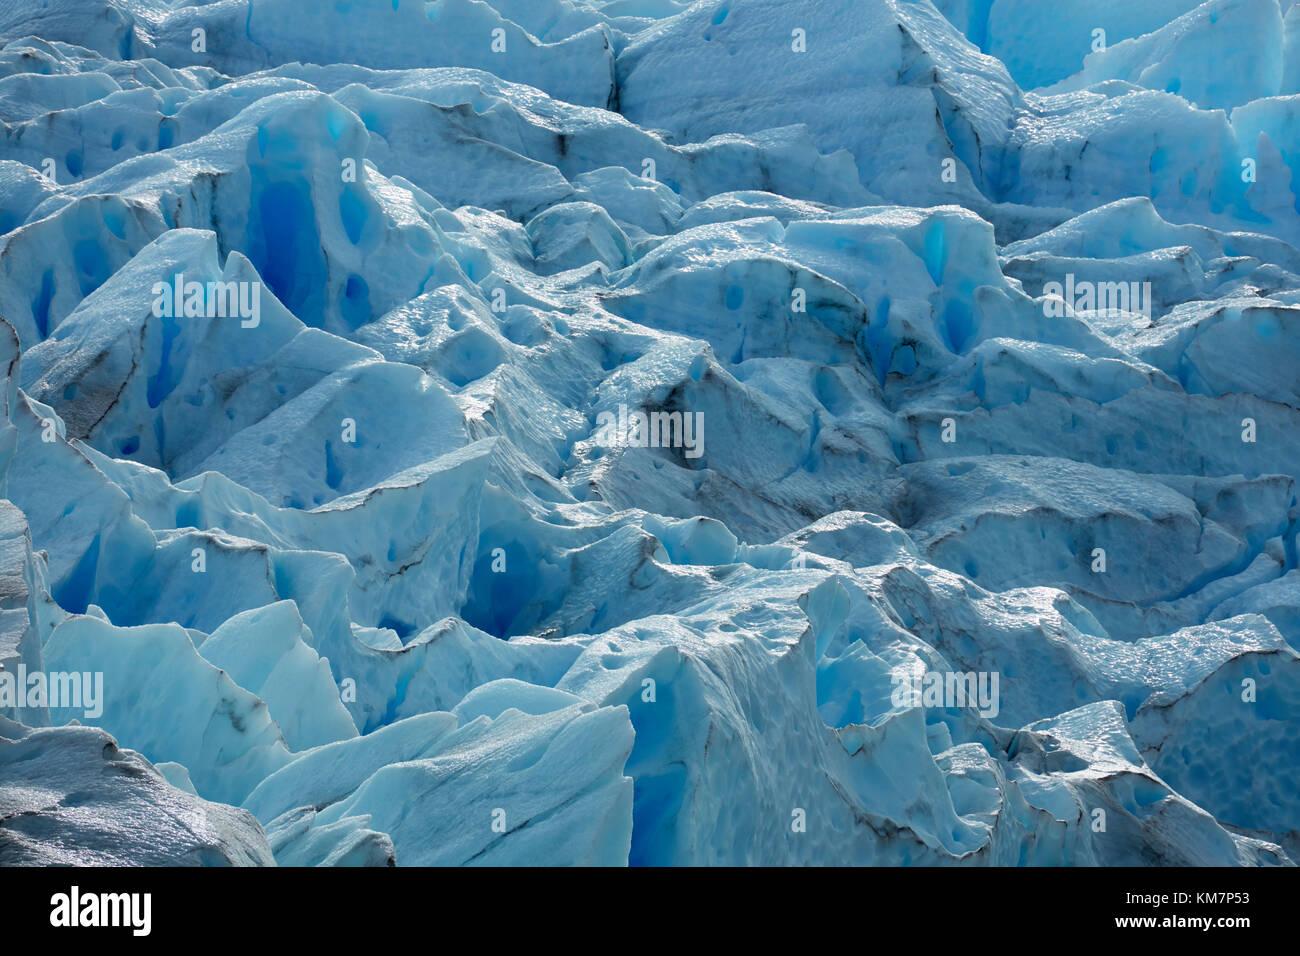 Perito Moreno Glacier, Parque Nacional Los Glaciares (World Heritage Area), Patagonia, Argentina, South America - Stock Image